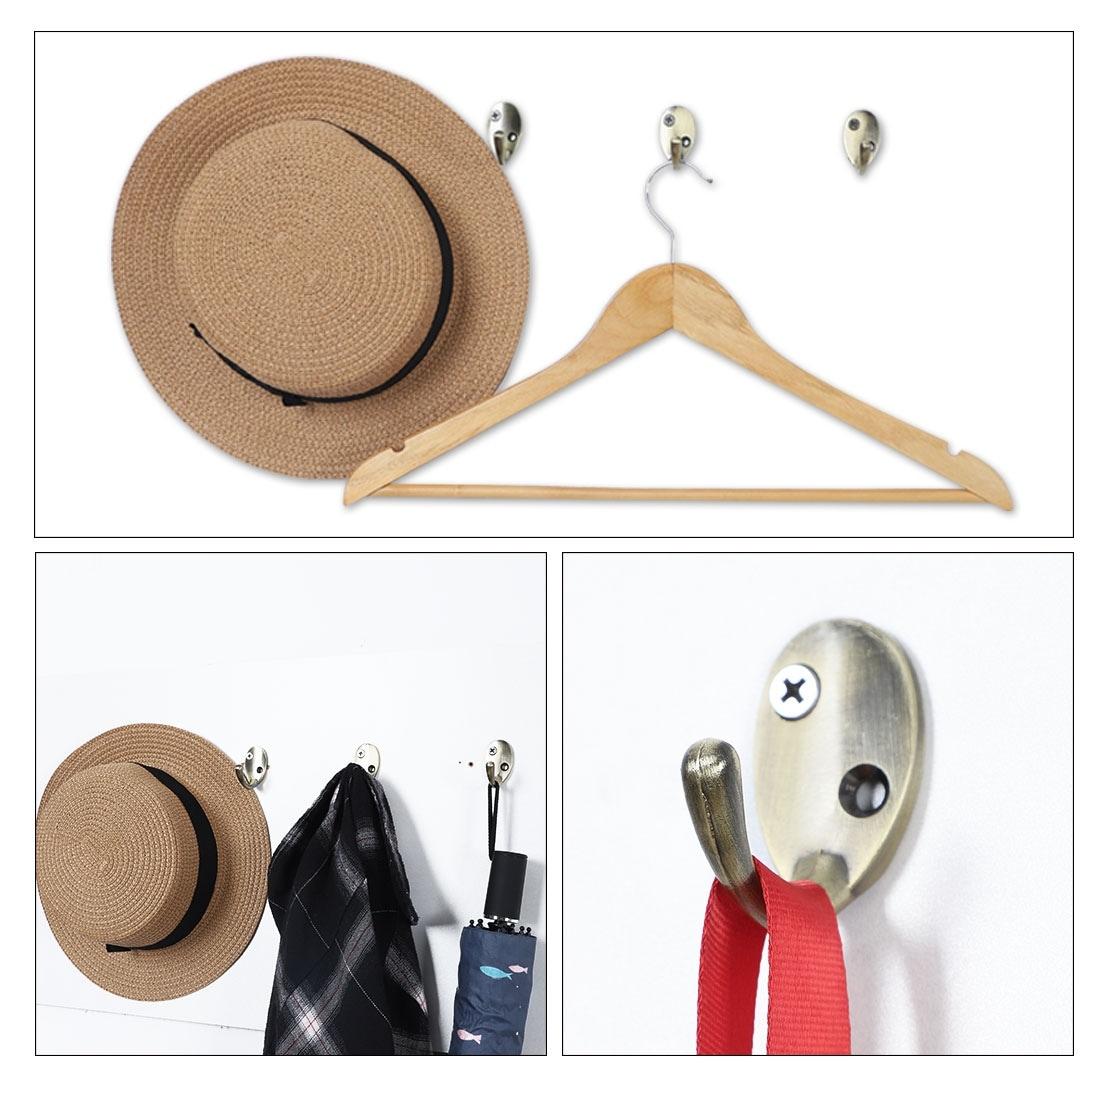 4pcs Wall Hooks Zinc Alloy Hook Coat Towel Diy Hanger W Screws Bronze Tone Bronze Tone